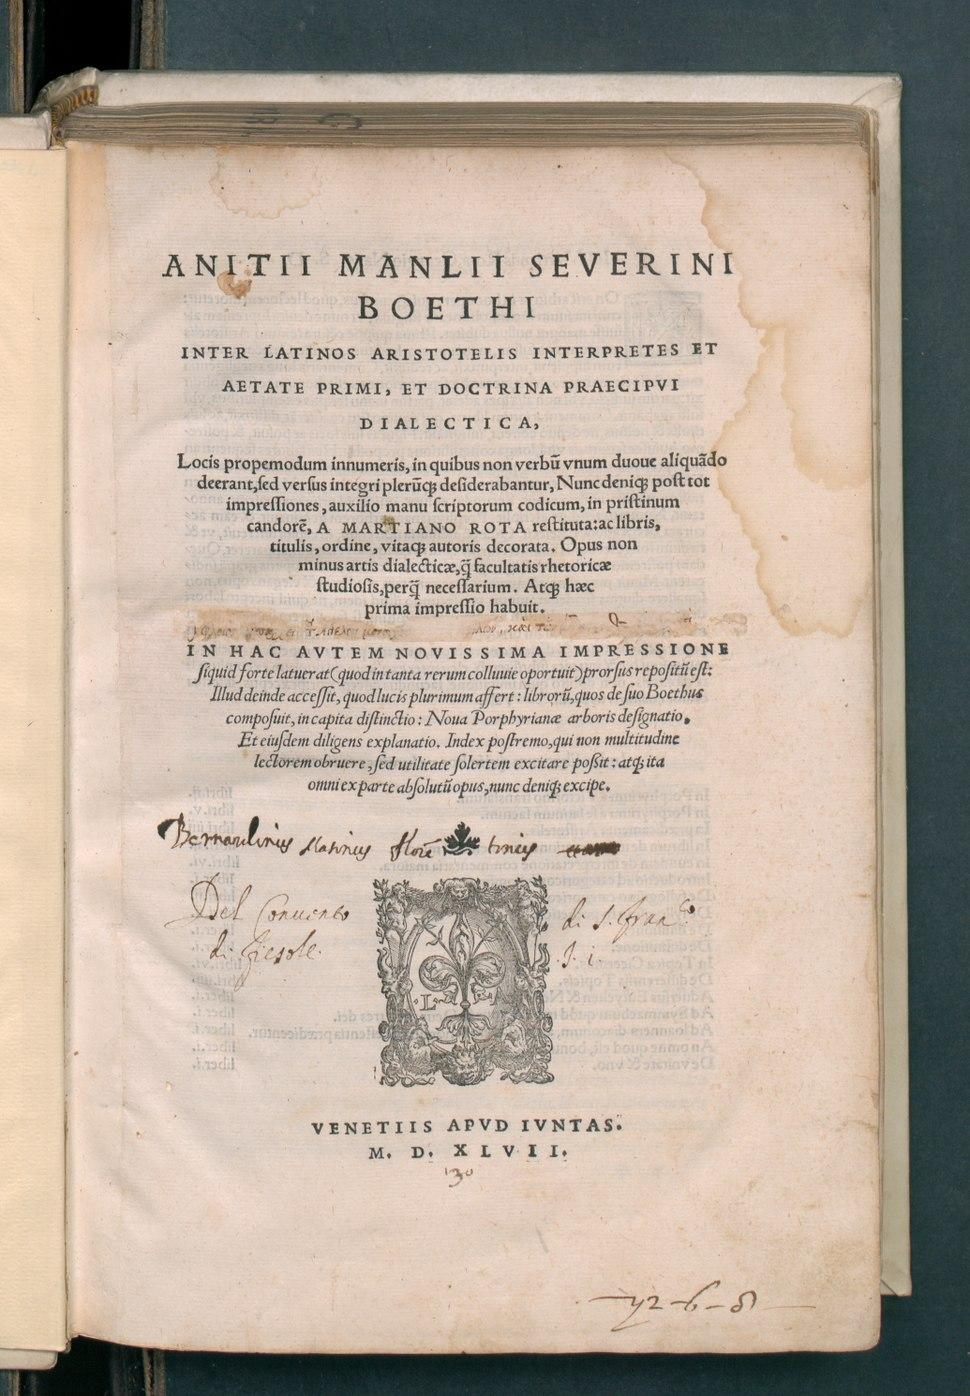 Inter latinos aristotelis interpretes et aetate primi, et doctrina praecipui dialectica